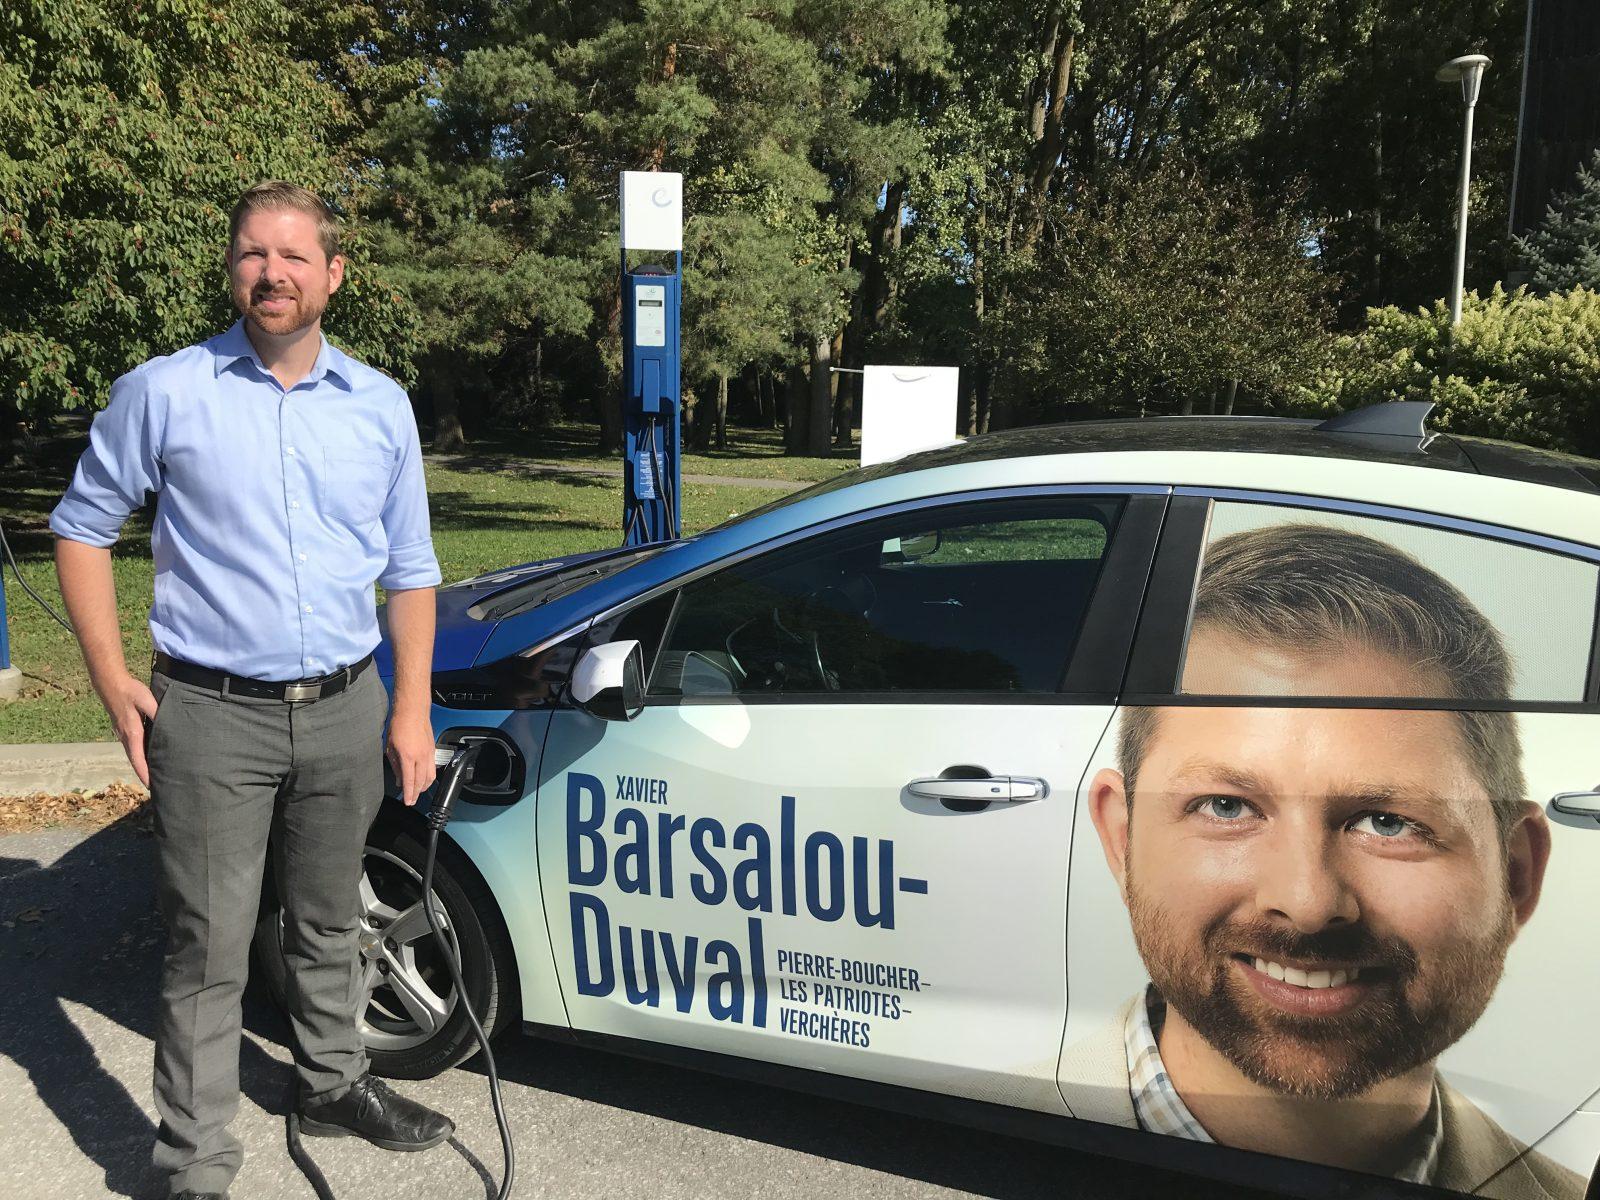 Xavier Barsalou-Duval fait de l'environnement une priorité